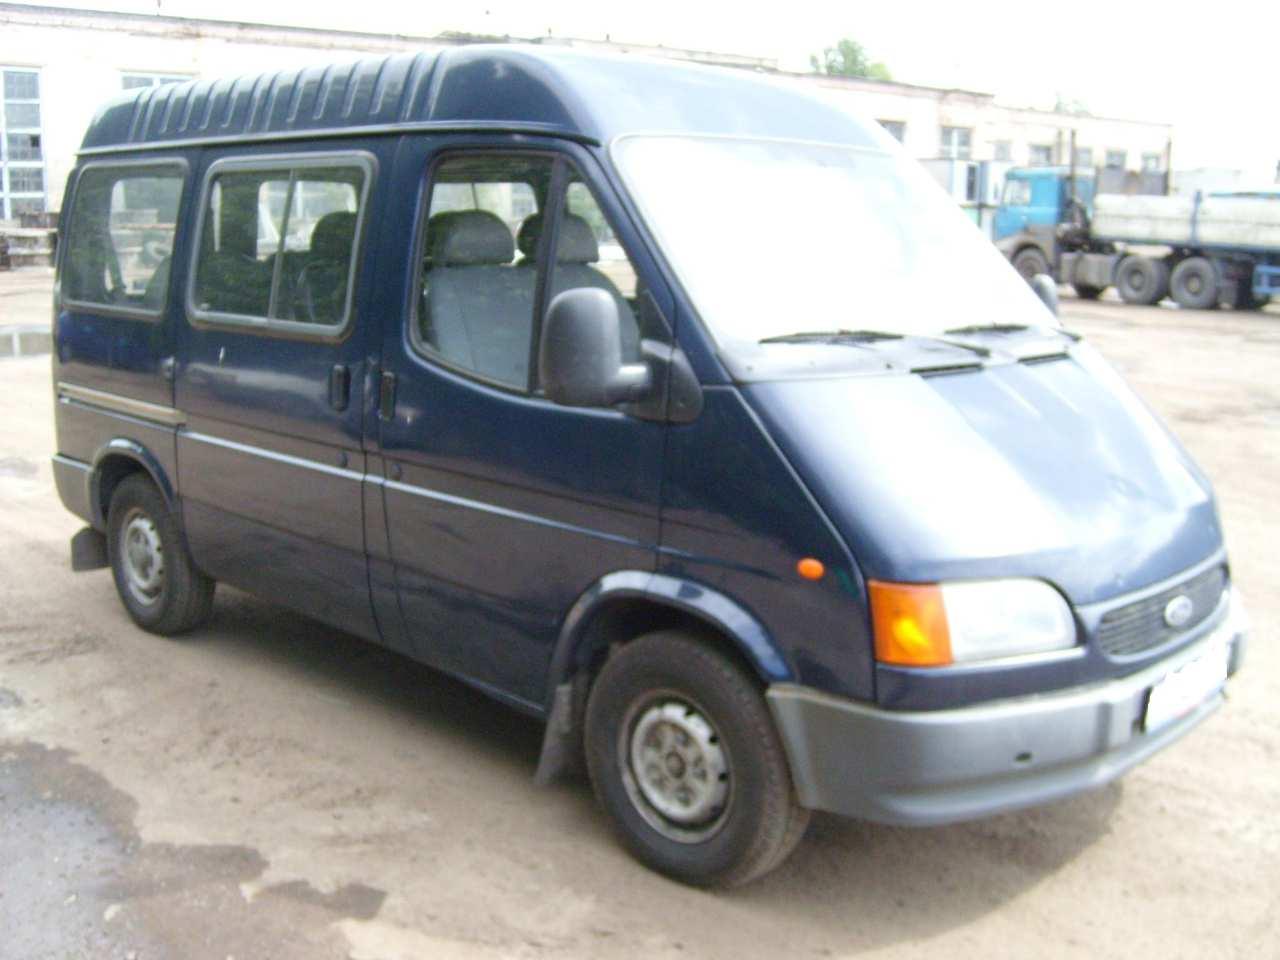 used 1999 ford transit photos 2000cc gasoline fr or rr. Black Bedroom Furniture Sets. Home Design Ideas